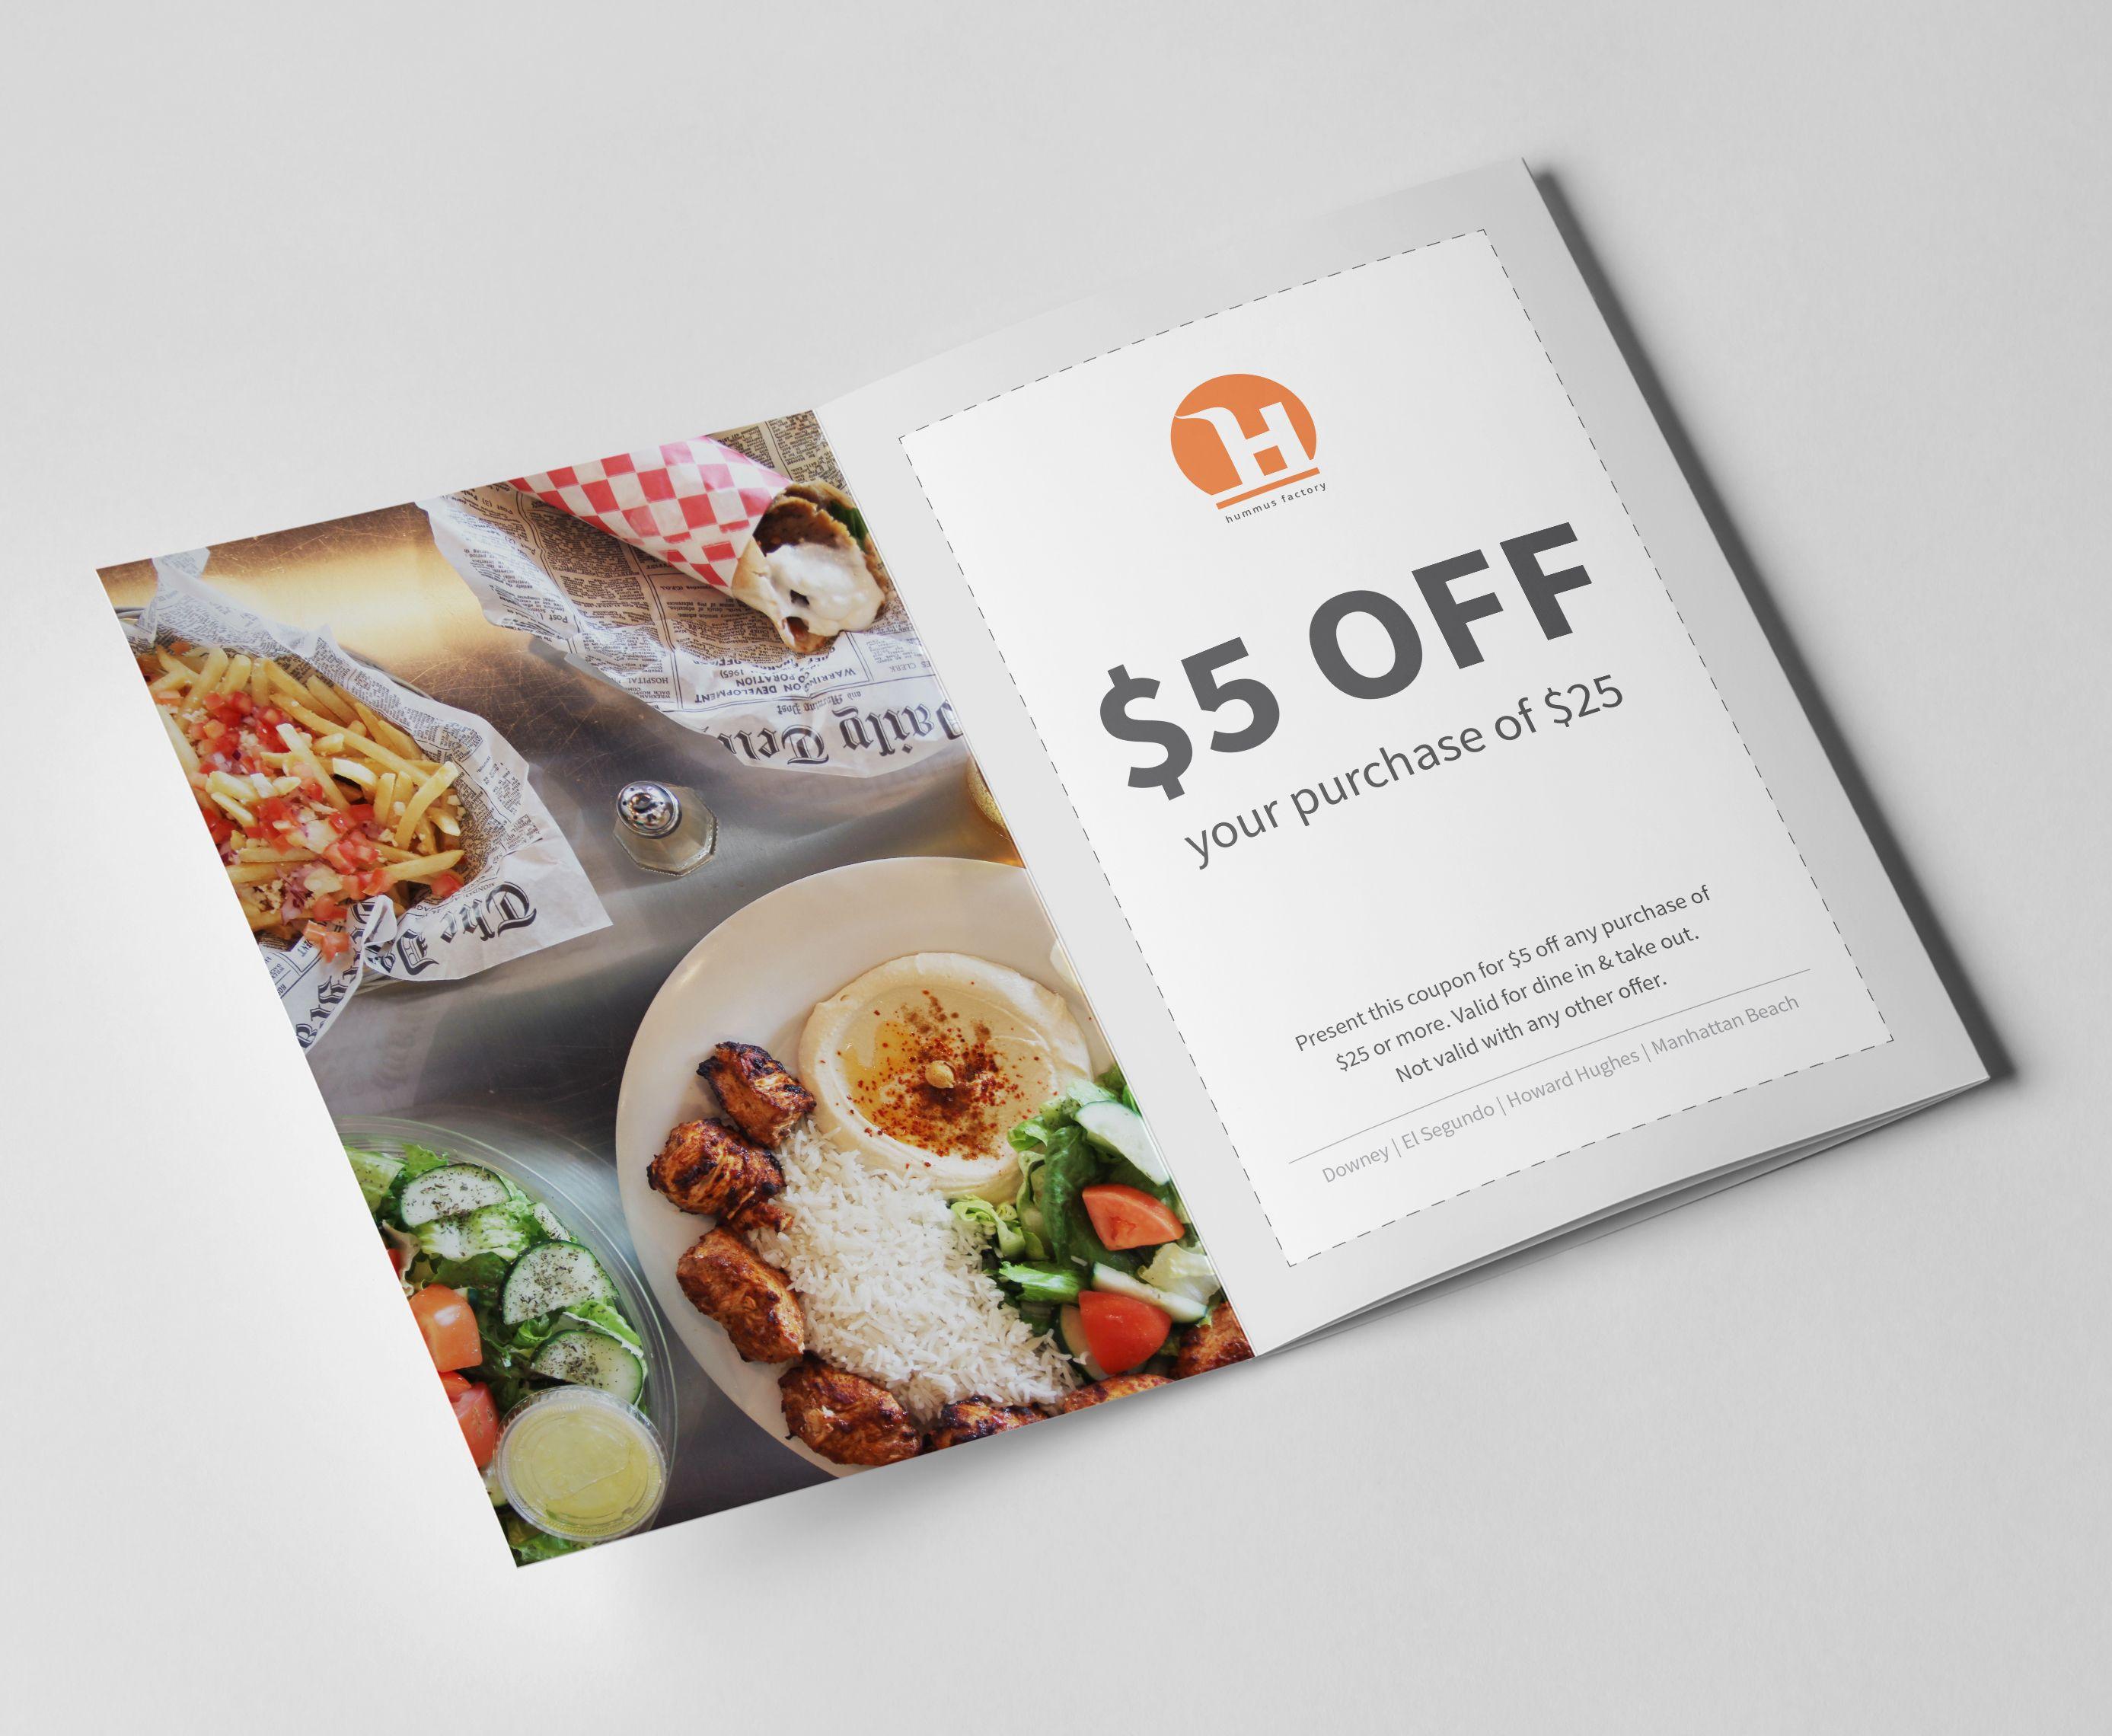 Mini Promo Brochure Coupons In 2020 Hummus Factory Web Design Hummus